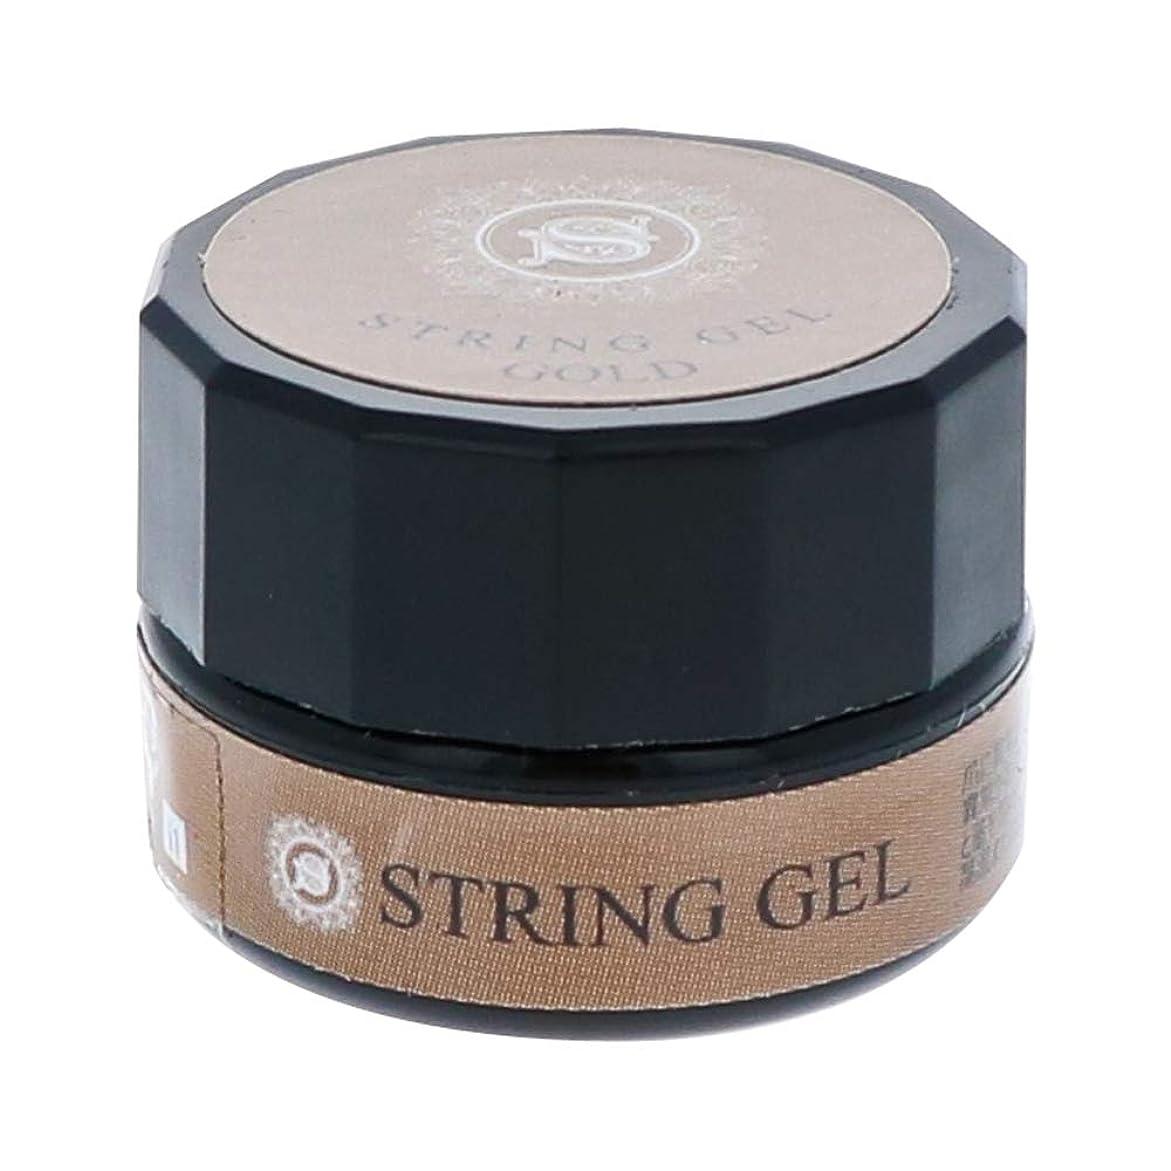 キルト脅迫区別するビューティーネイラー simply string gel (gold) 2.5g QSG-1